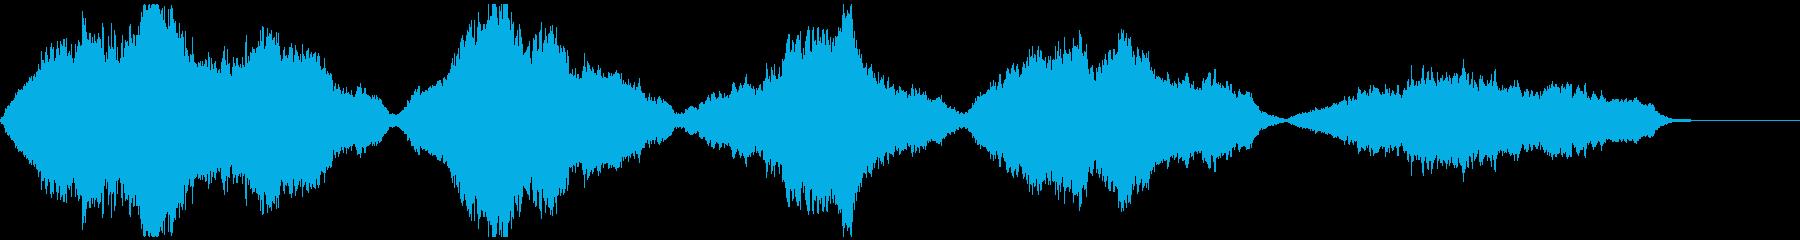 幻想的・感動的なストリングスのカルテットの再生済みの波形